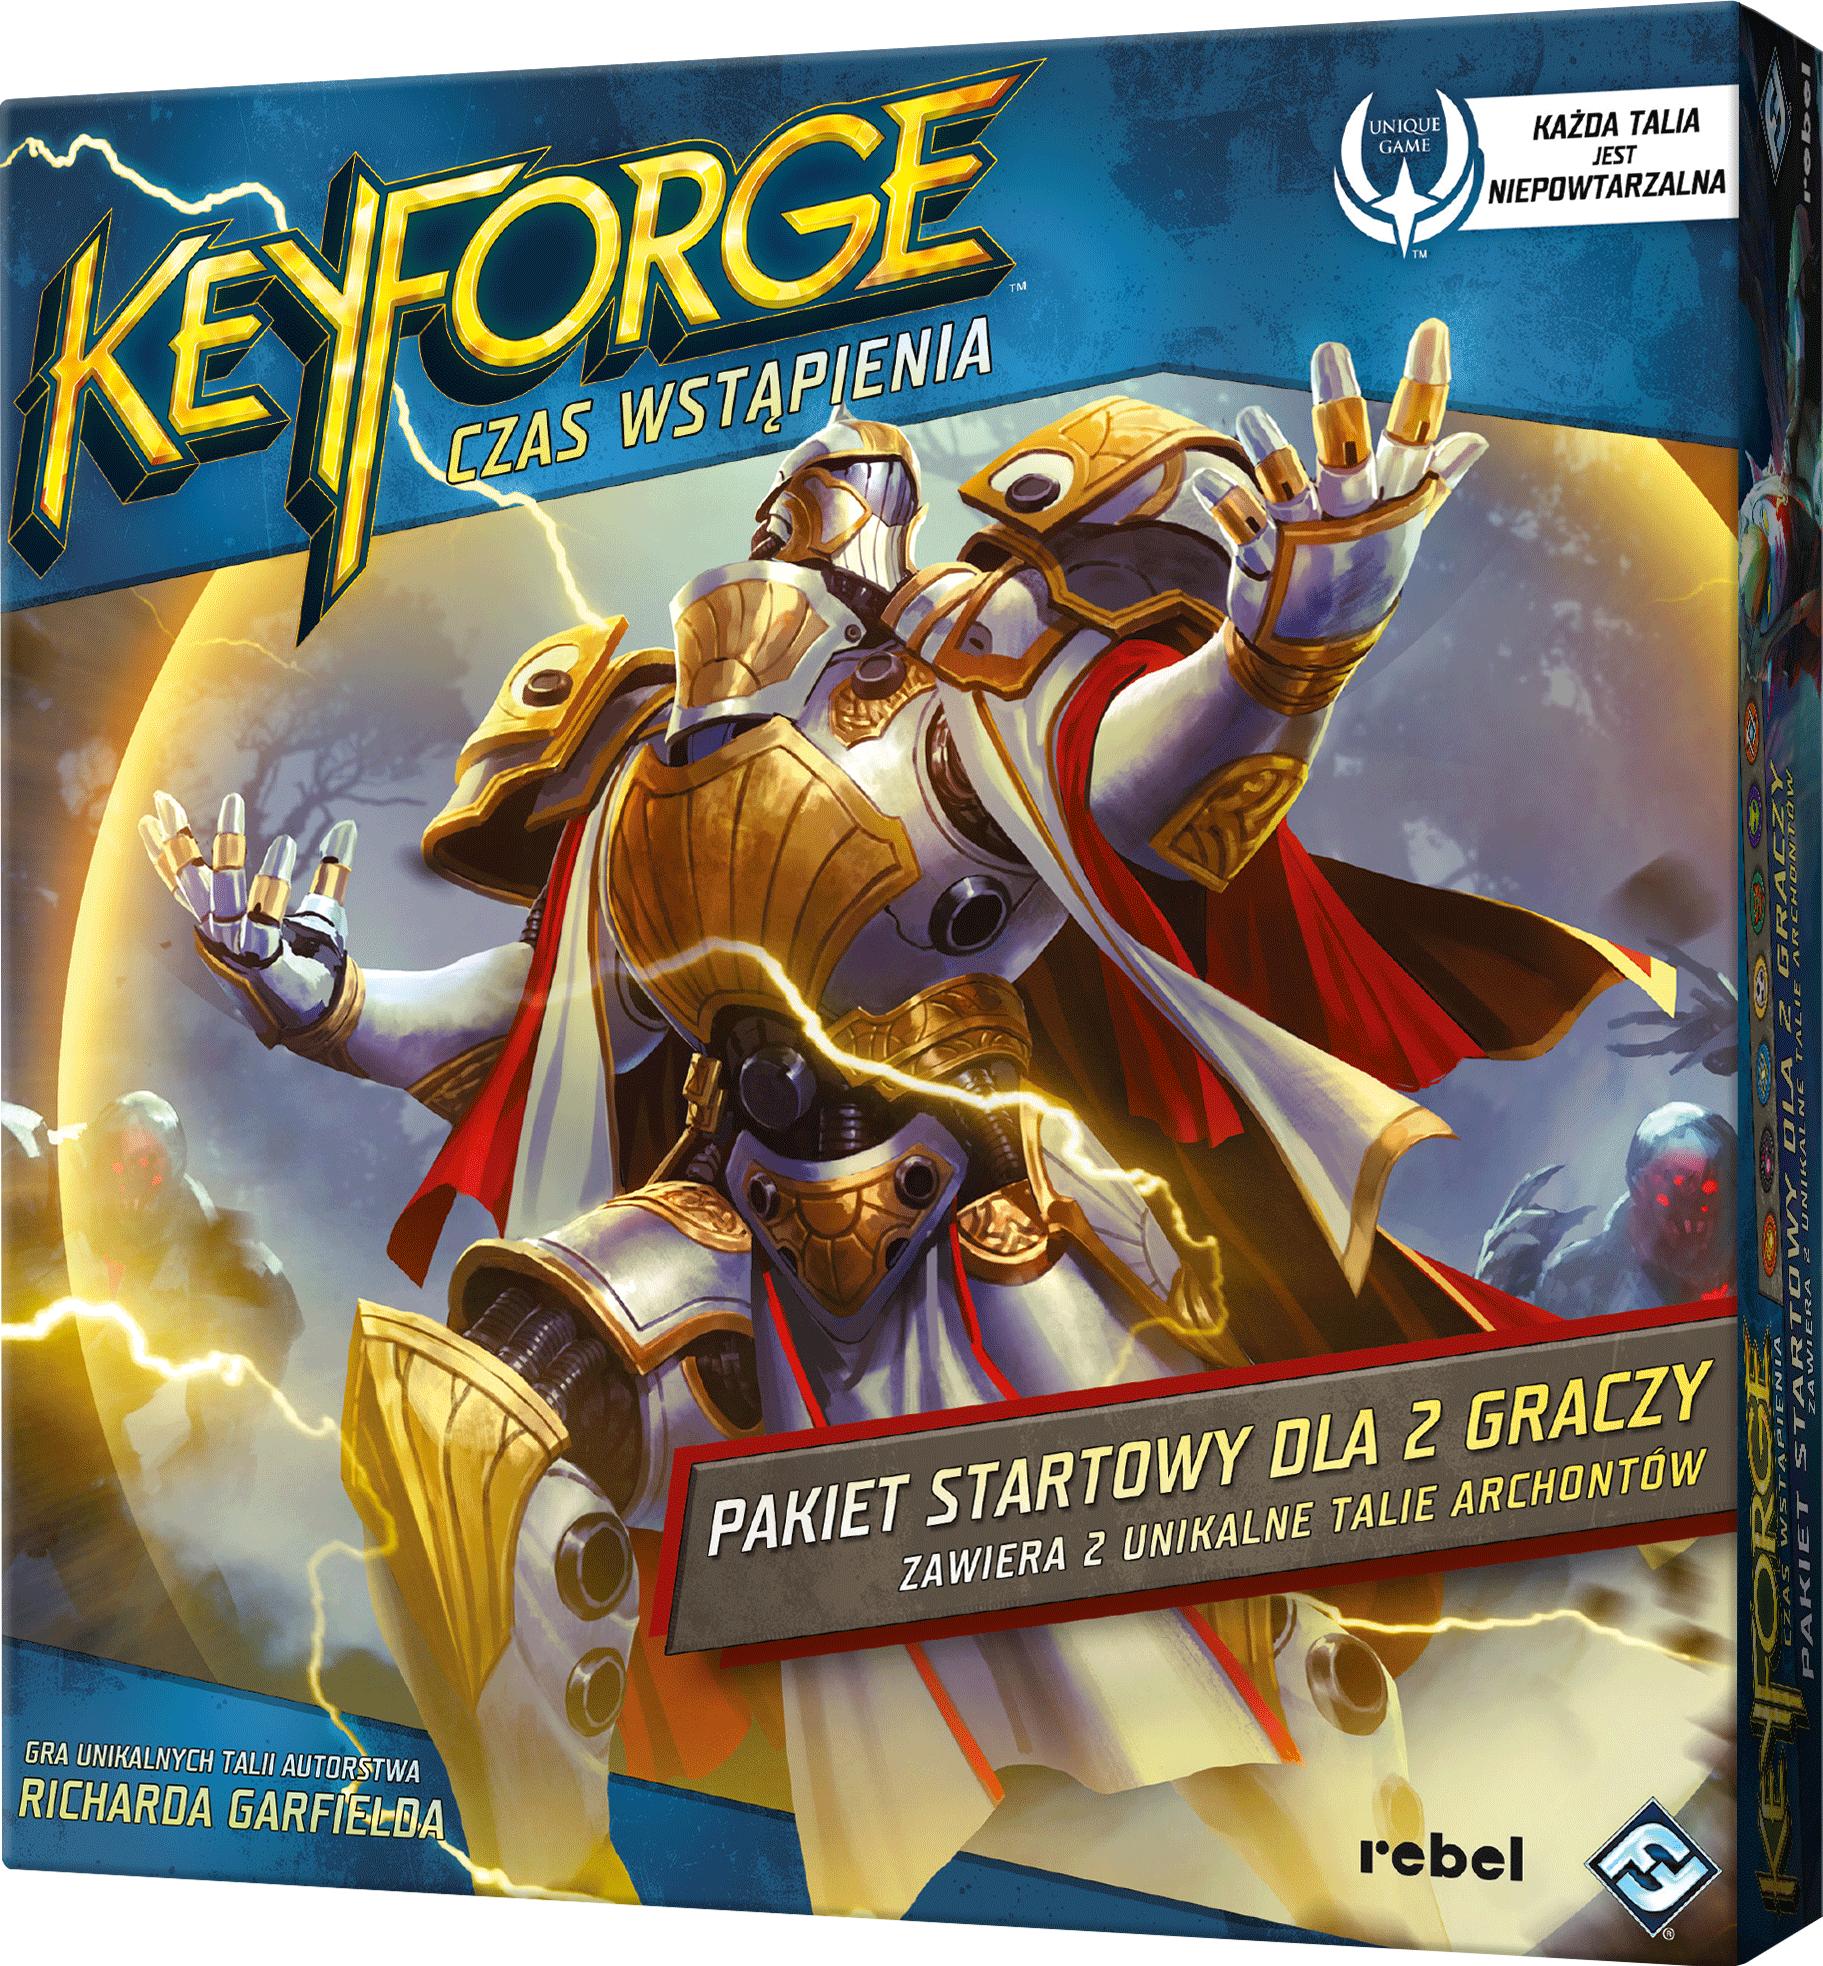 KeyForge: Czas Wstąpienia - Pakiet startowy - 1